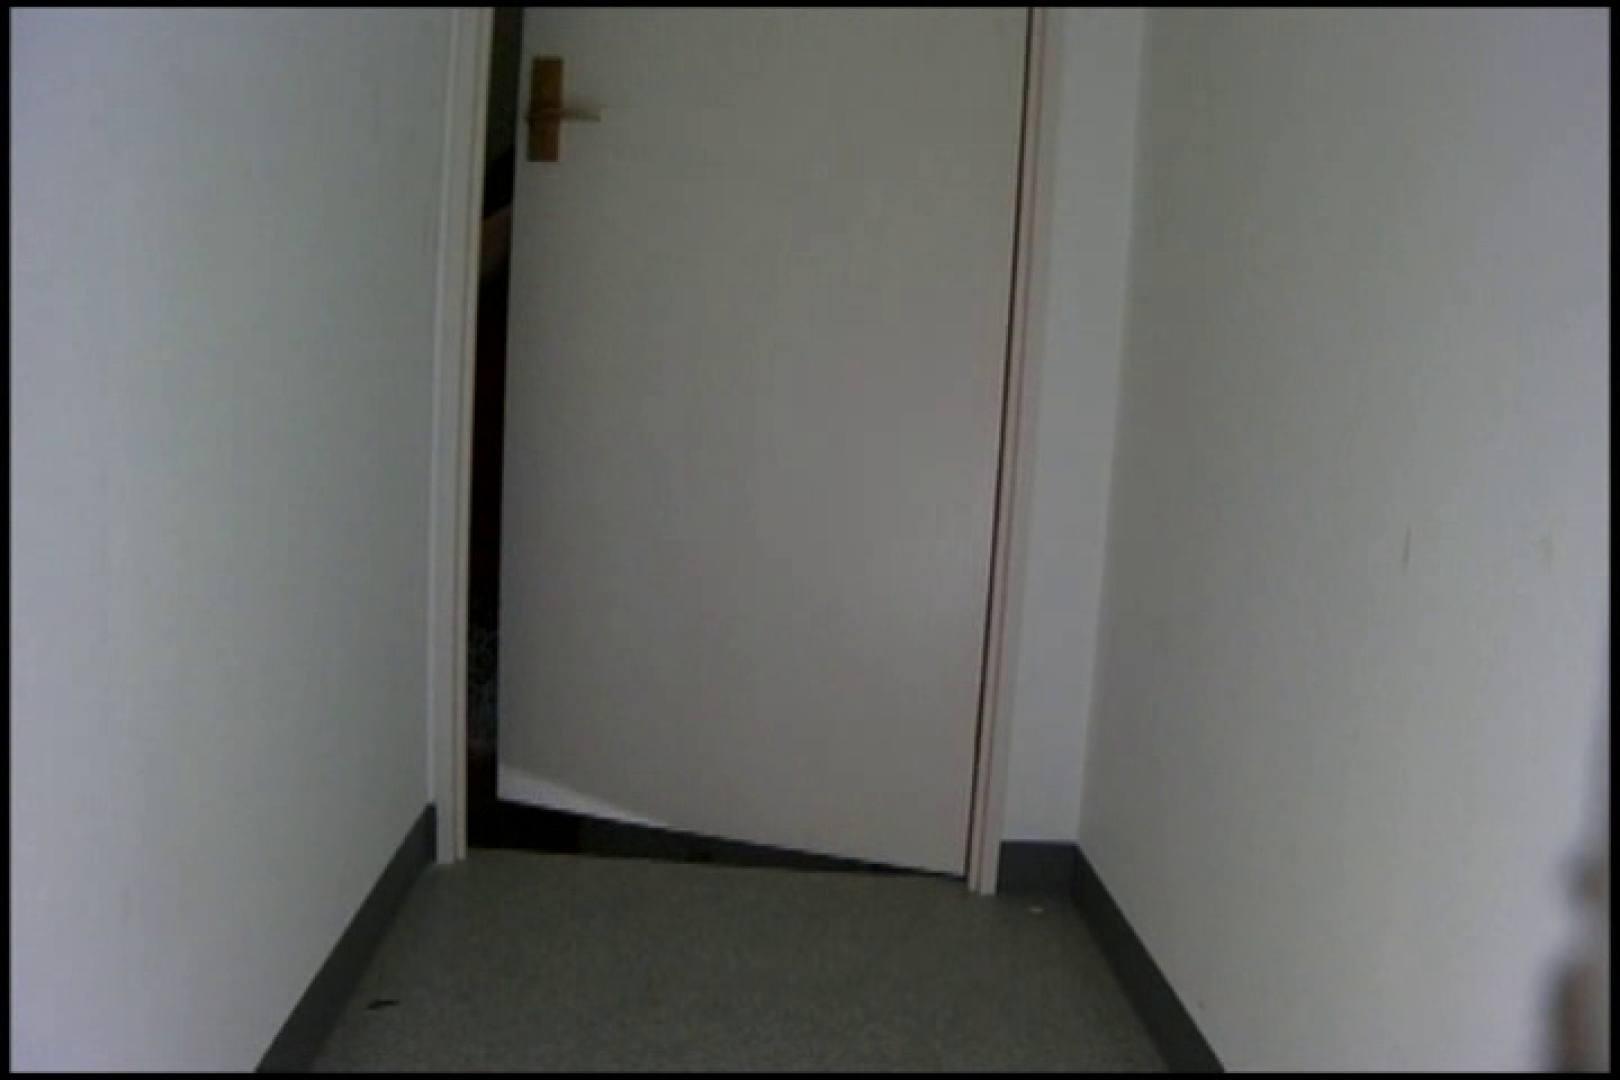 和式にまたがる女たちを待ちうけるカメラの衝撃映像vol.04 厠・・・ オメコ動画キャプチャ 84PIX 8